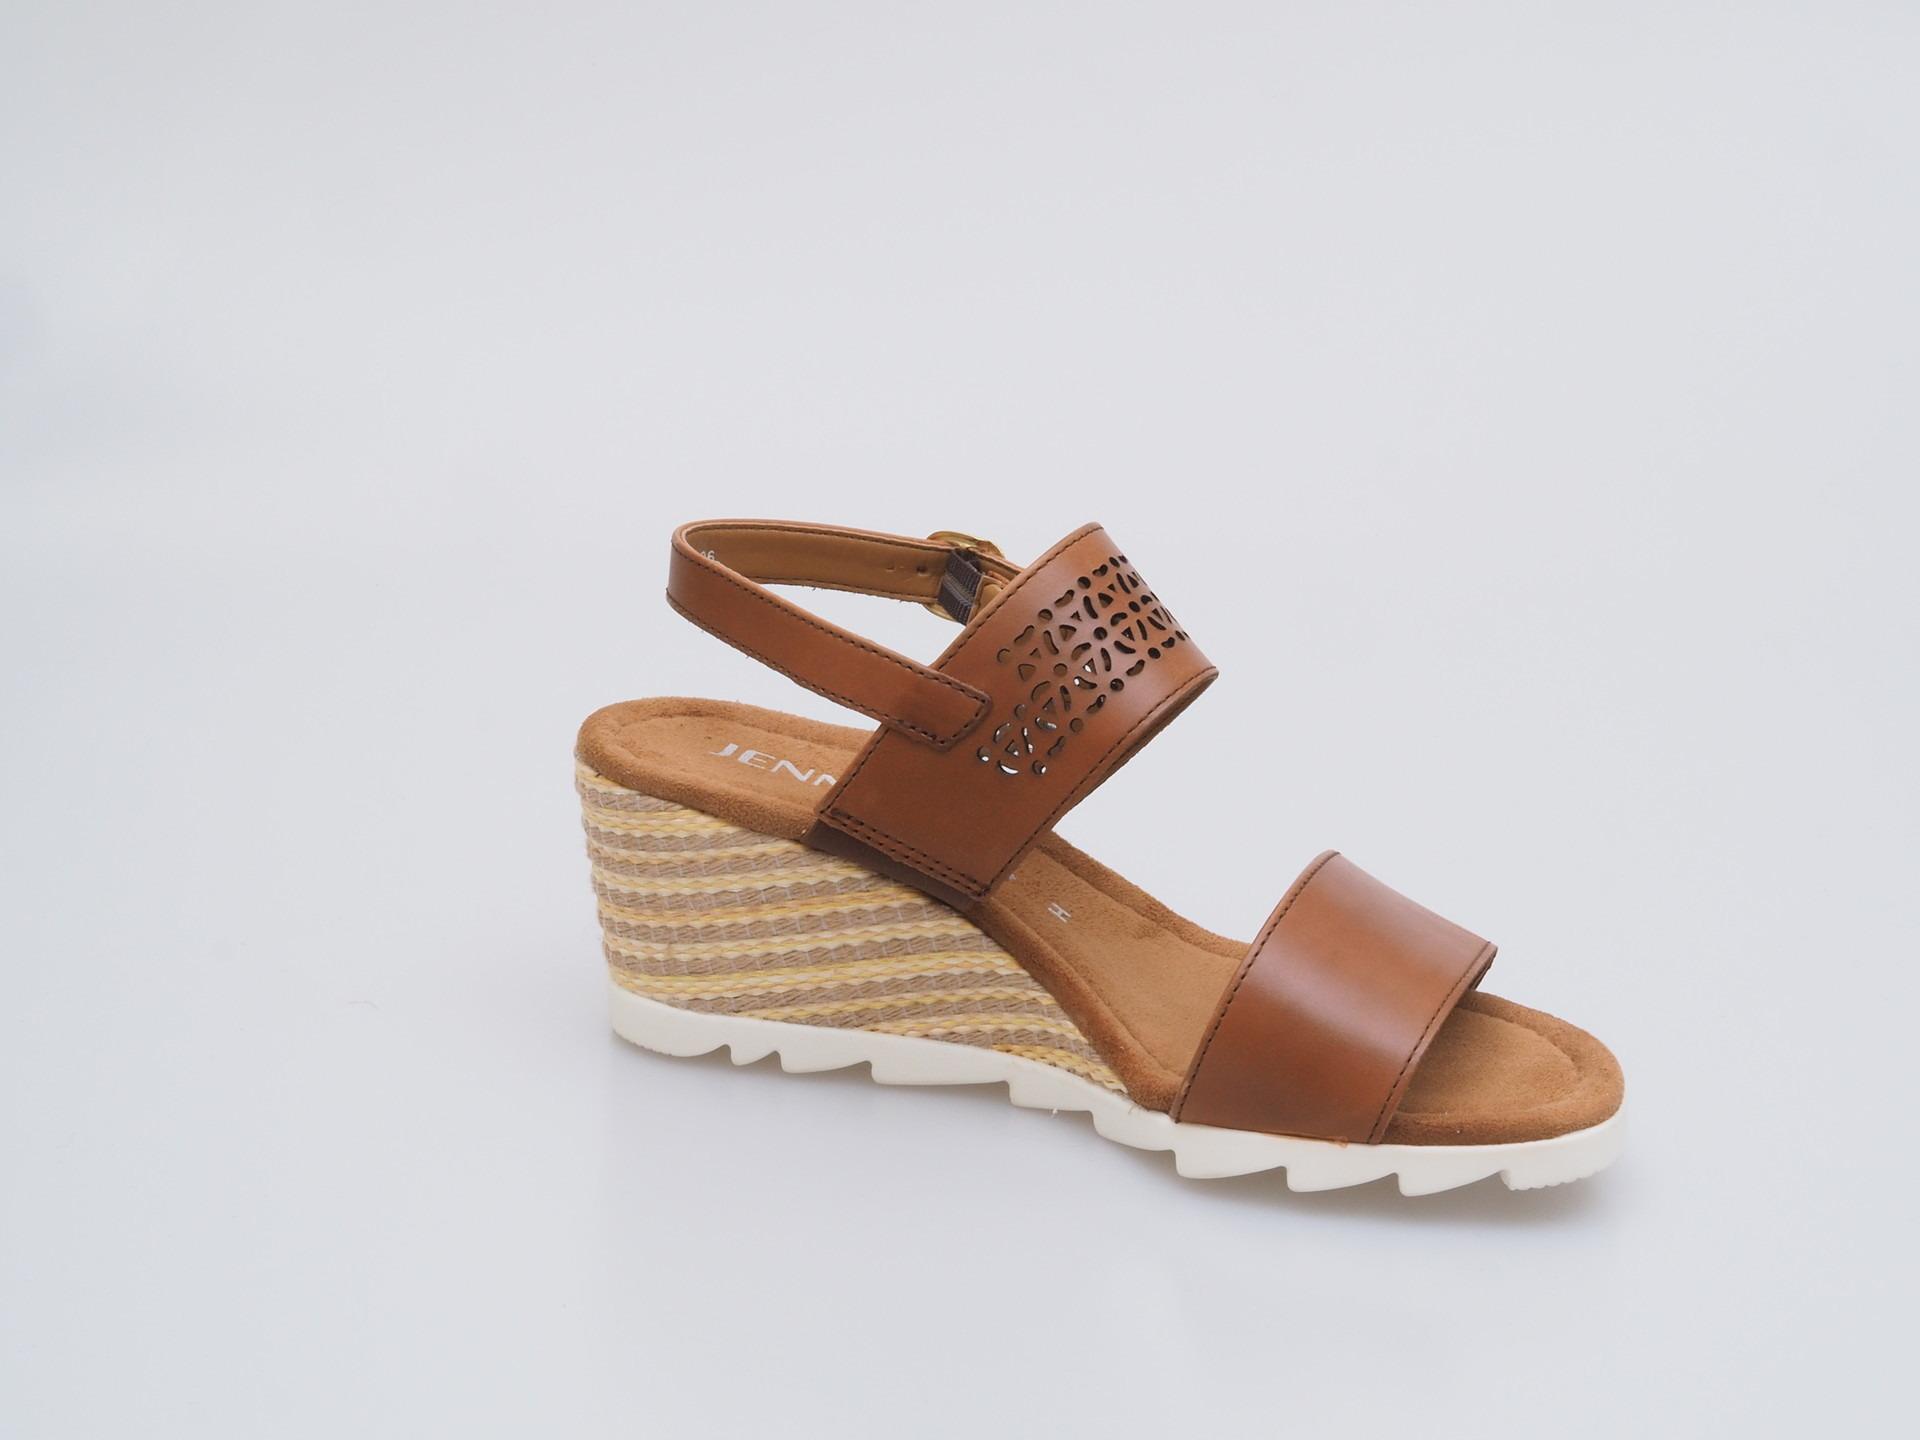 4e5438dd0404 ARA - Sandále - Dámska otvorená sandála na klinovom podpätku hnedá